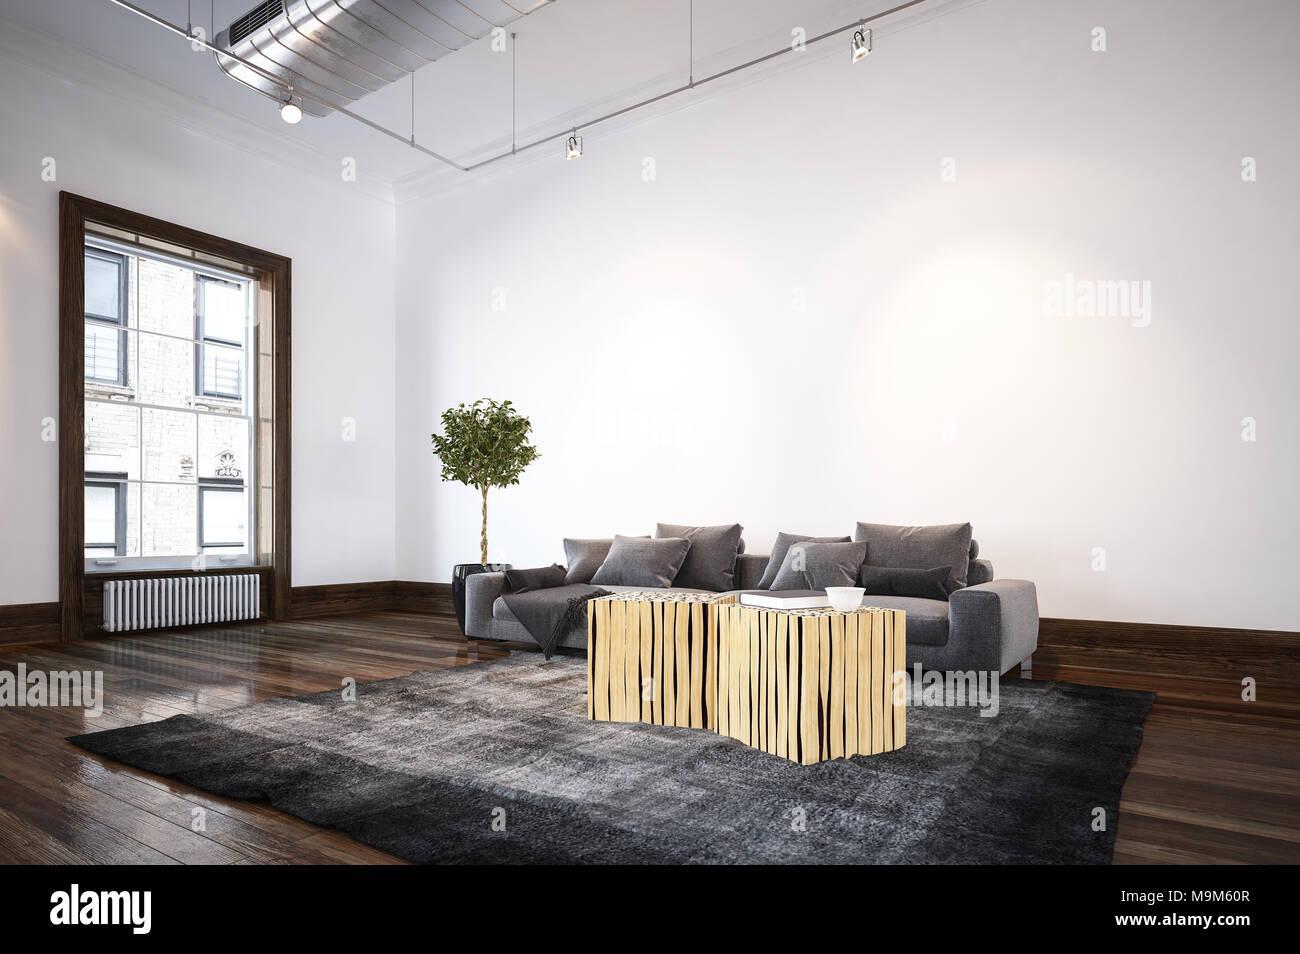 Groß Wohnzimmer Offene Decke Zeitgenössisch - Schlafzimmer Ideen ...